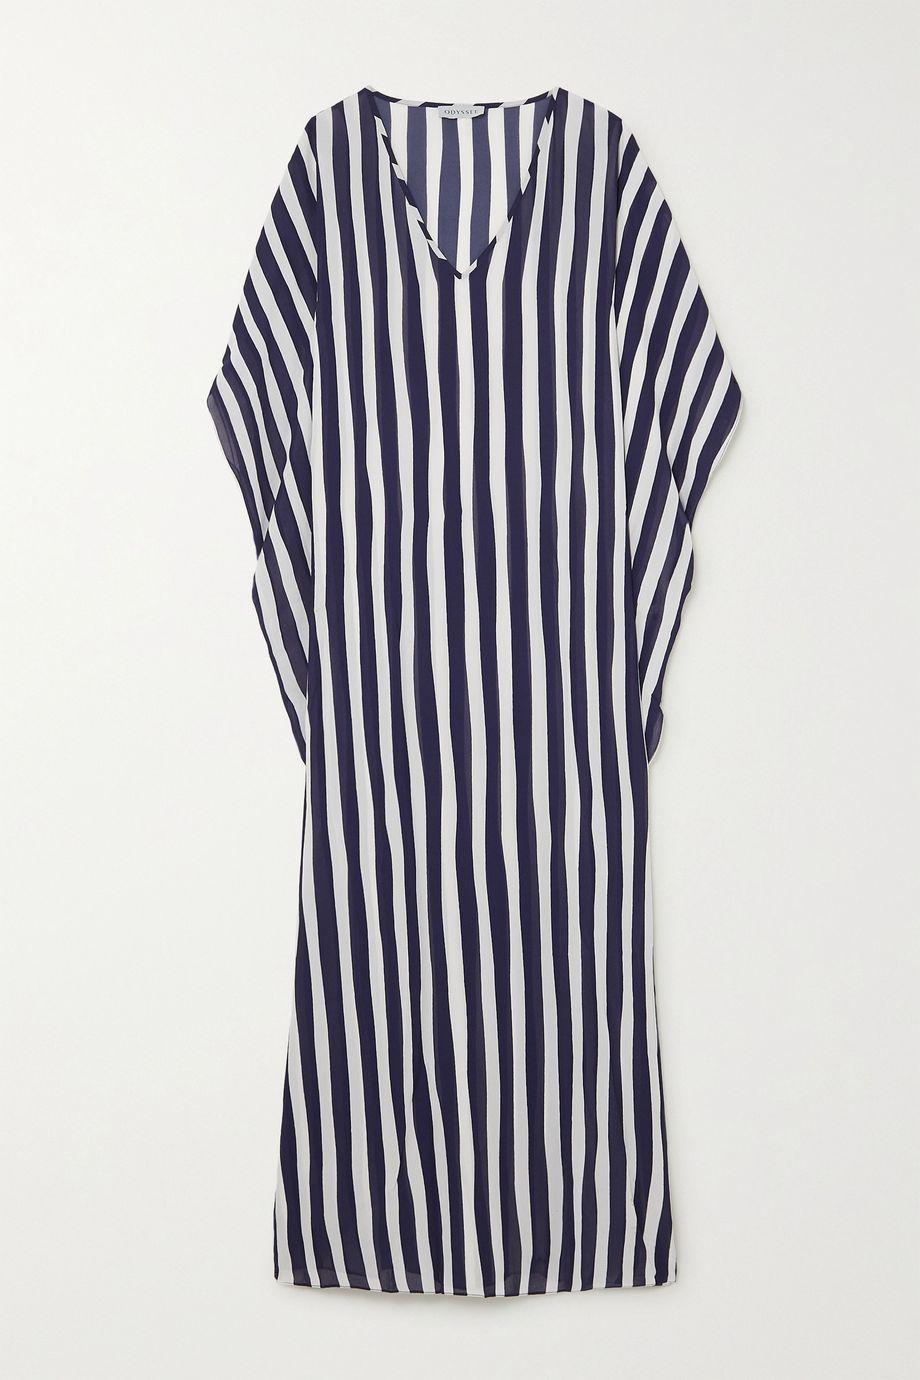 Odyssee Beau 垂坠条纹雪纺绸长罩衫裙